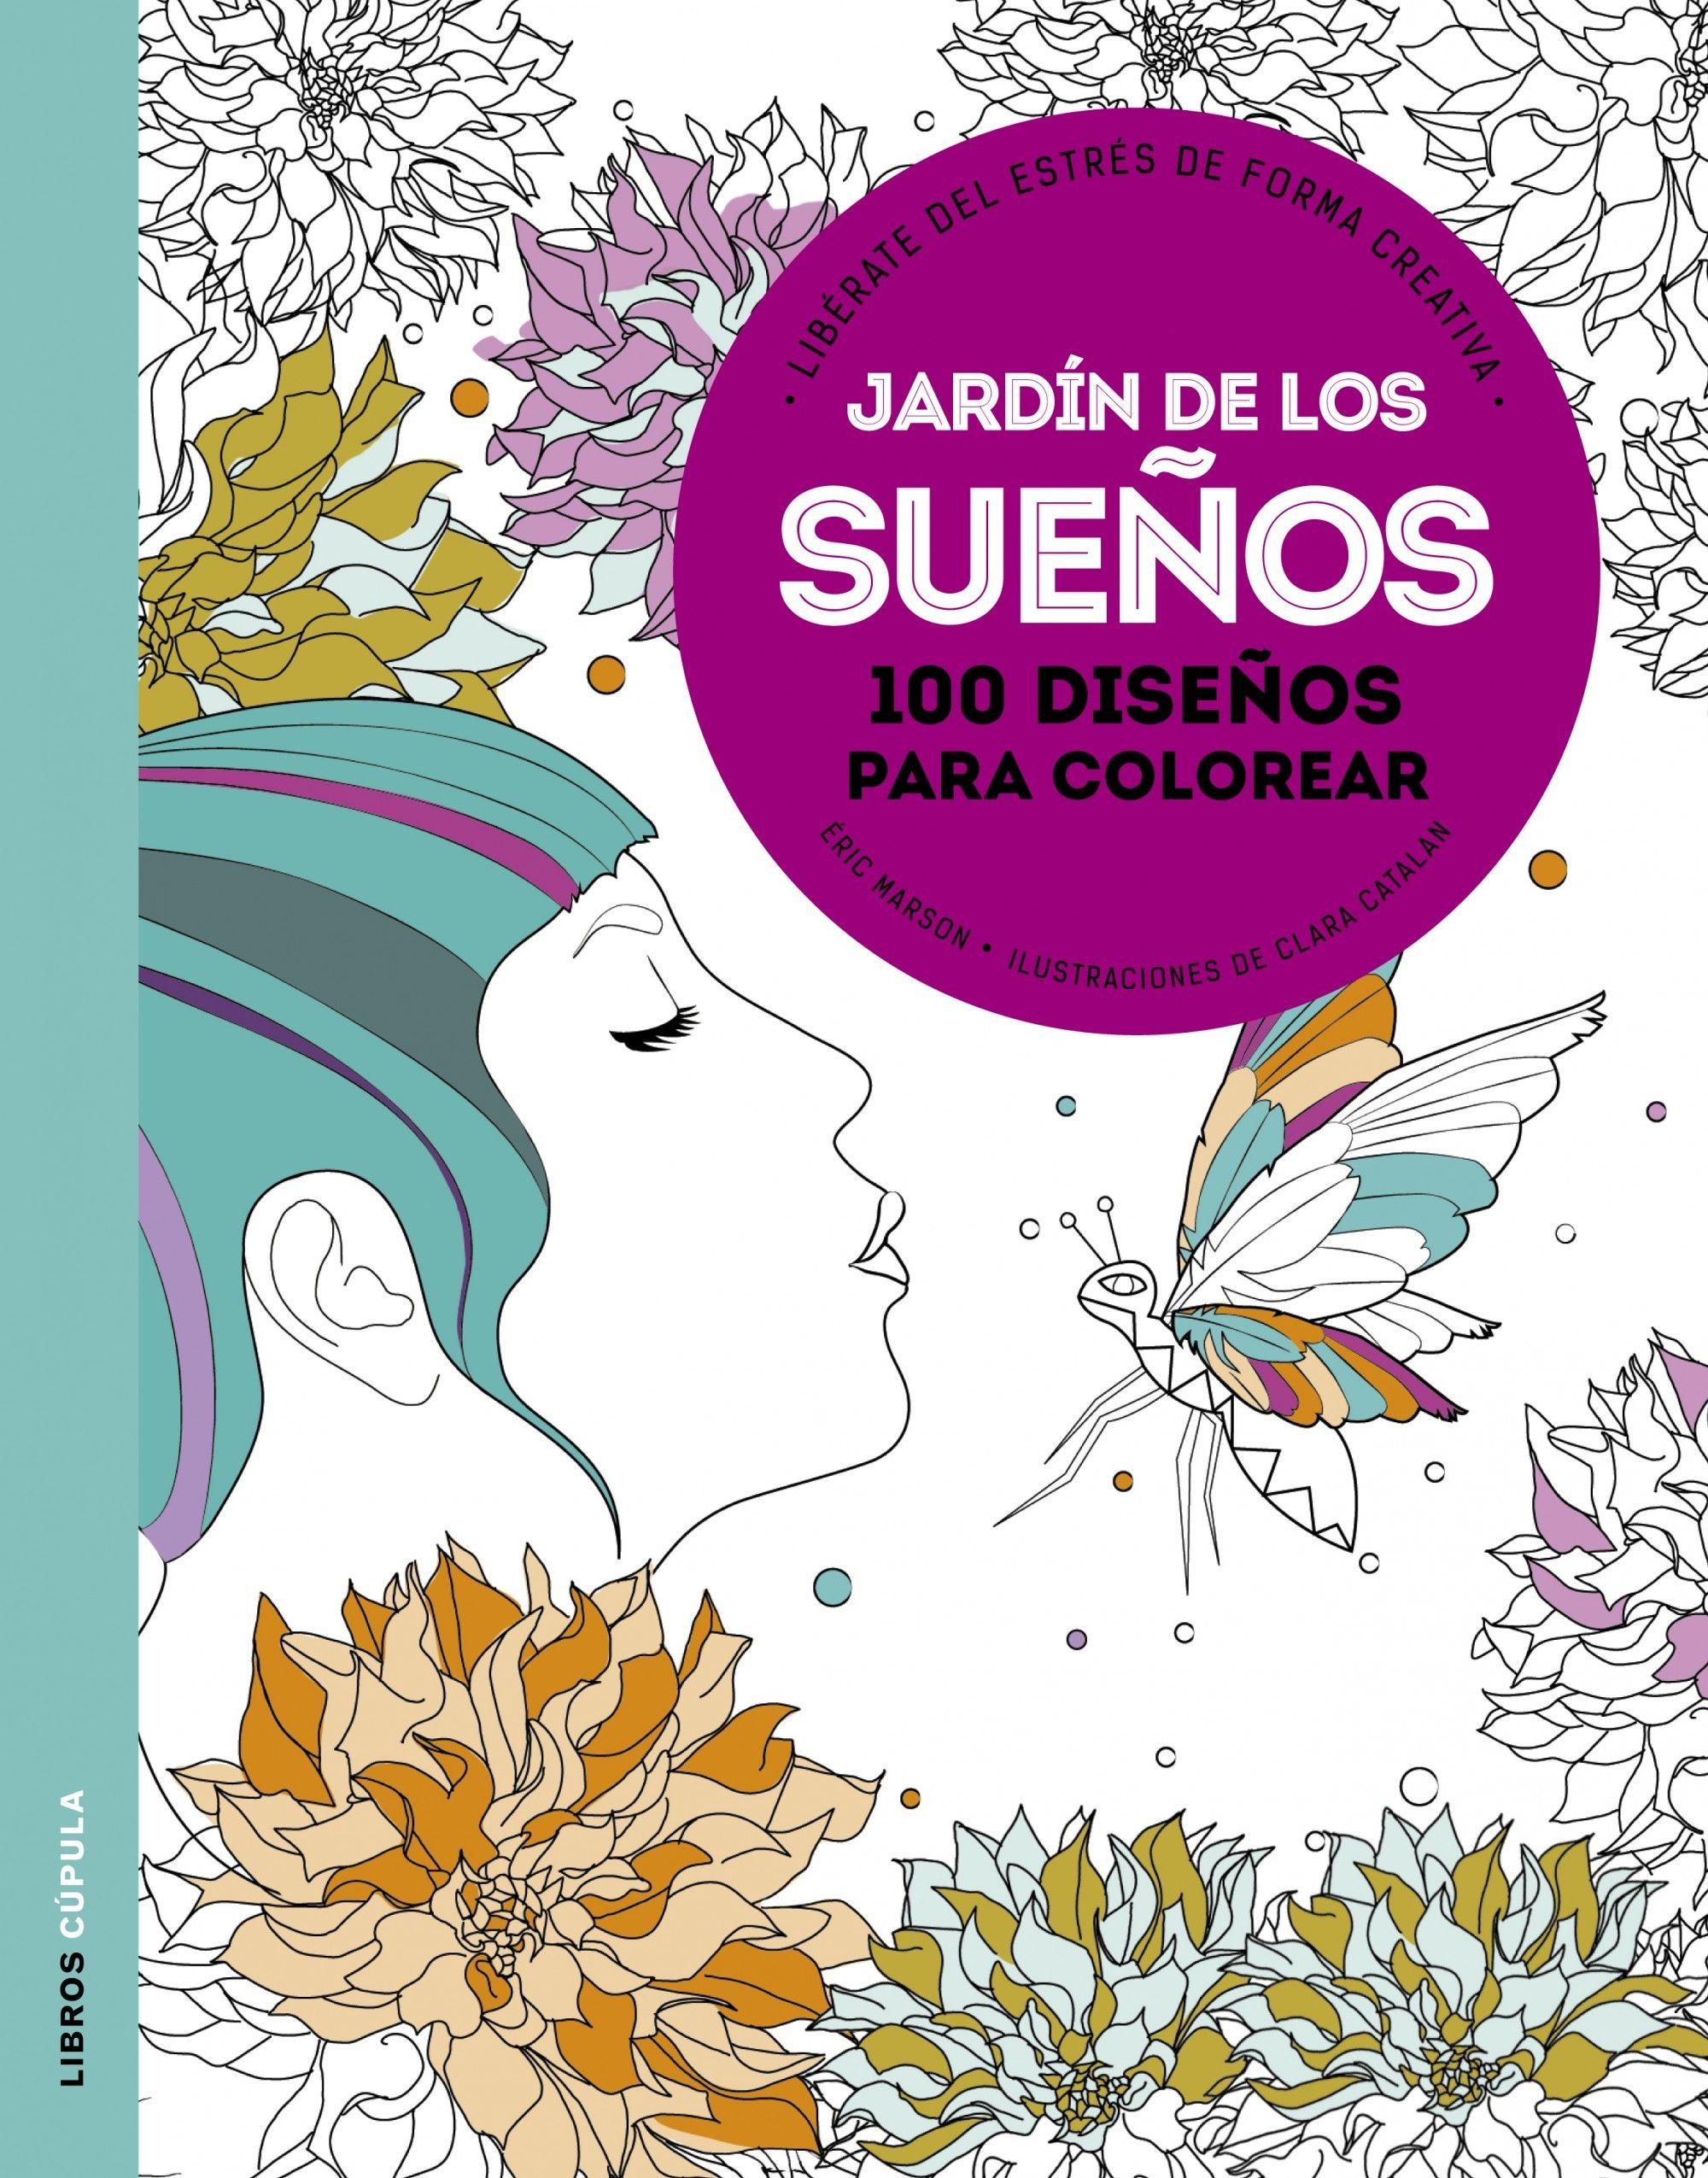 jardin de los sueños libro para colorear adultos - Buscar con Google ...